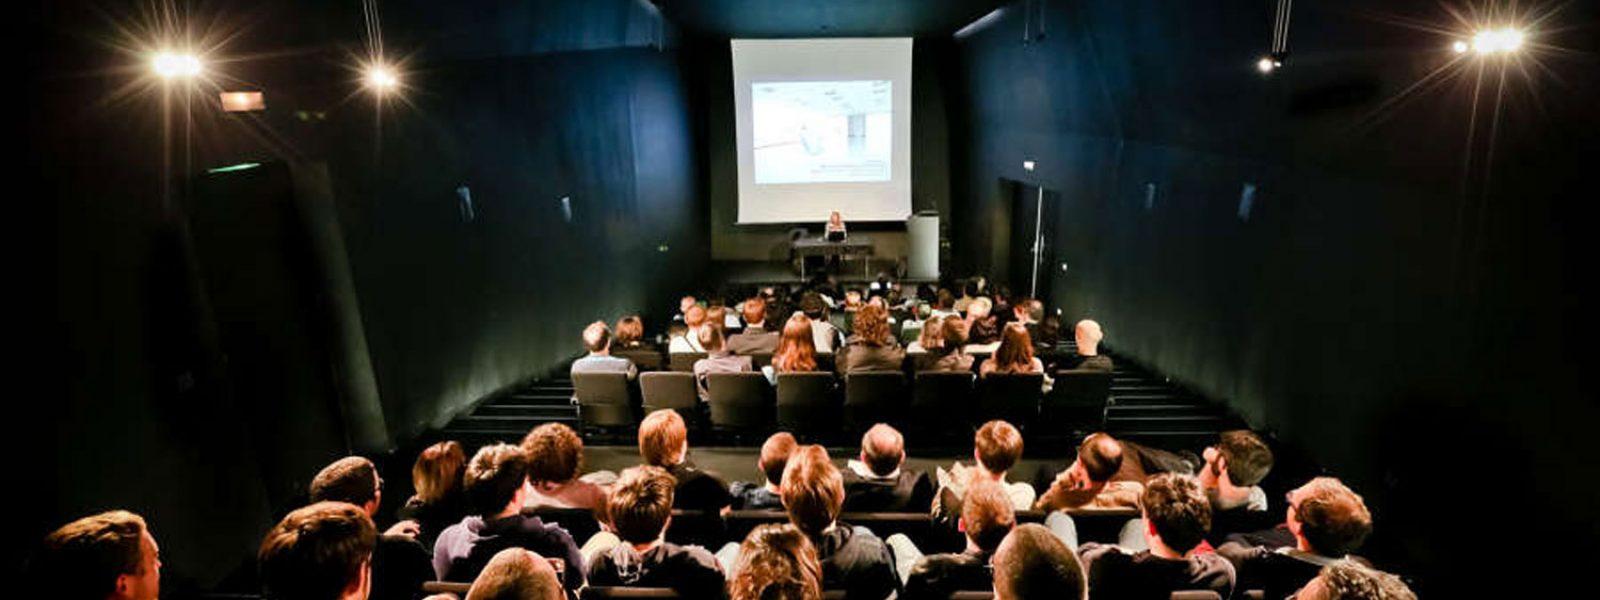 Auditorium congrès